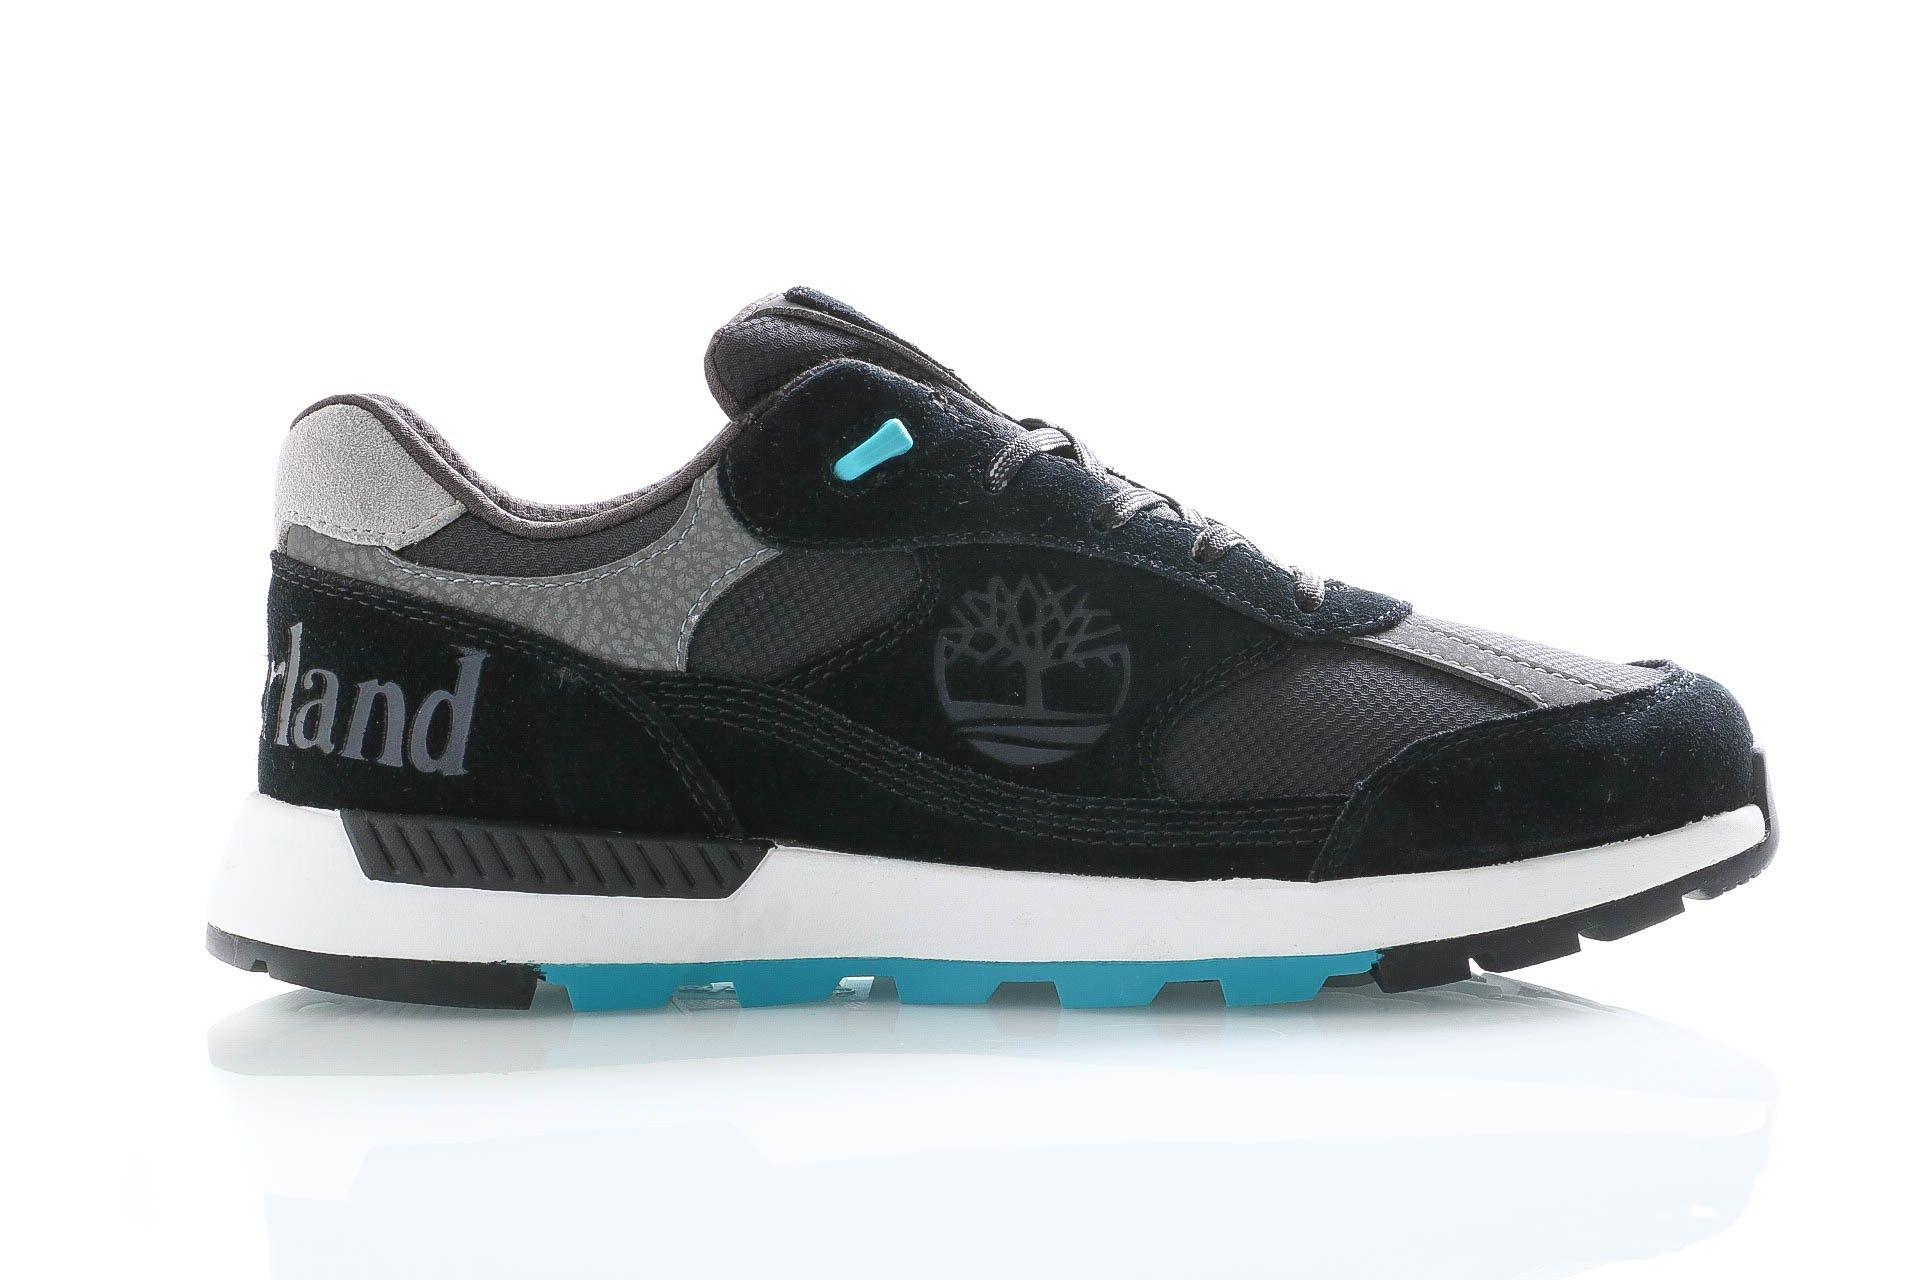 Afbeelding van Timberland Sneakers Field Trekker Low F/L Black Suede TB0A25480151